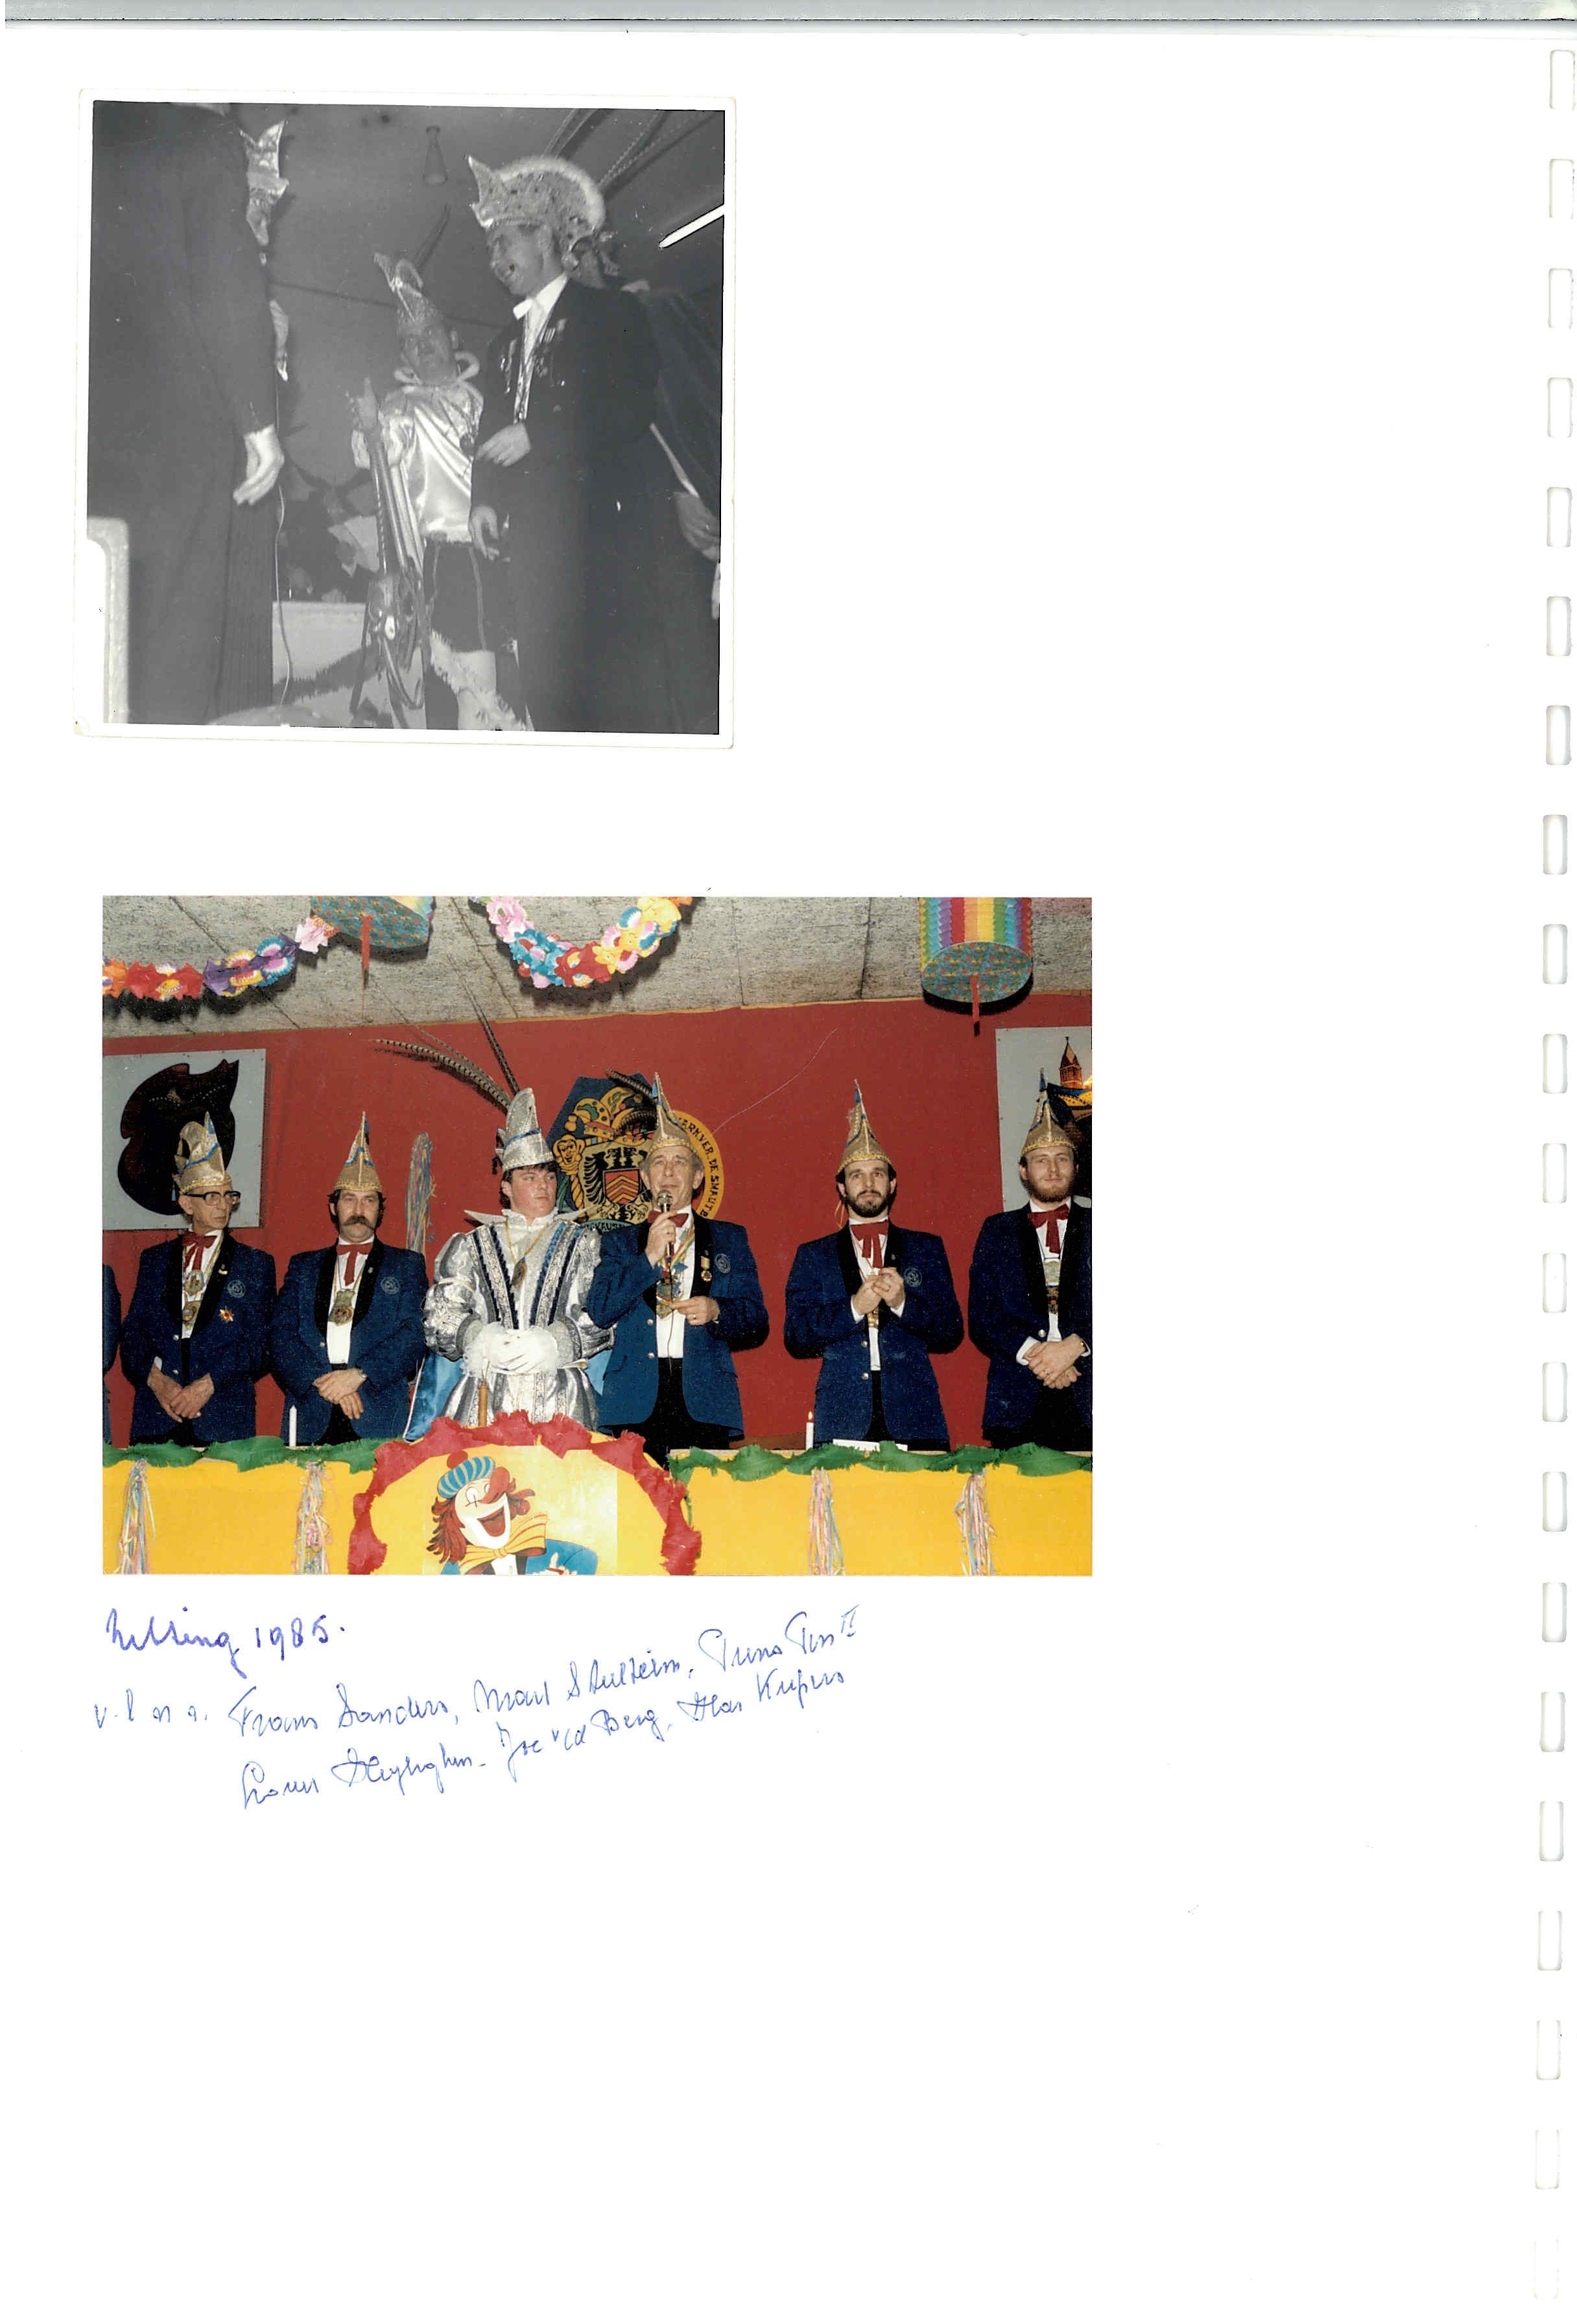 Fotoboek I Louis Heylighen p23